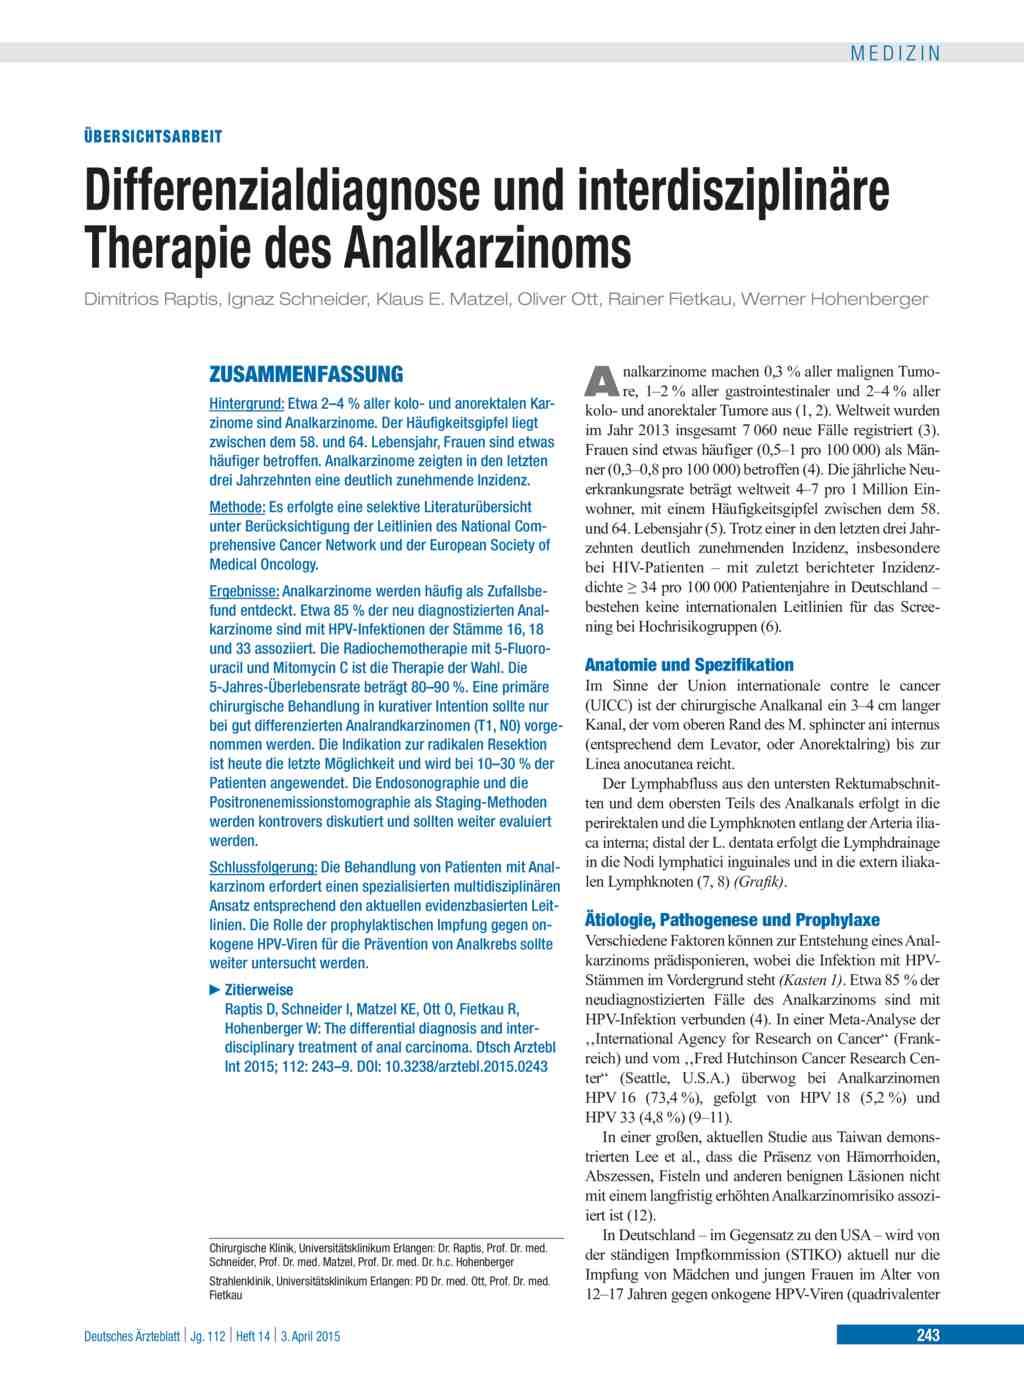 Differenzialdiagnose und interdisziplinäre Therapie des Analkarzinoms